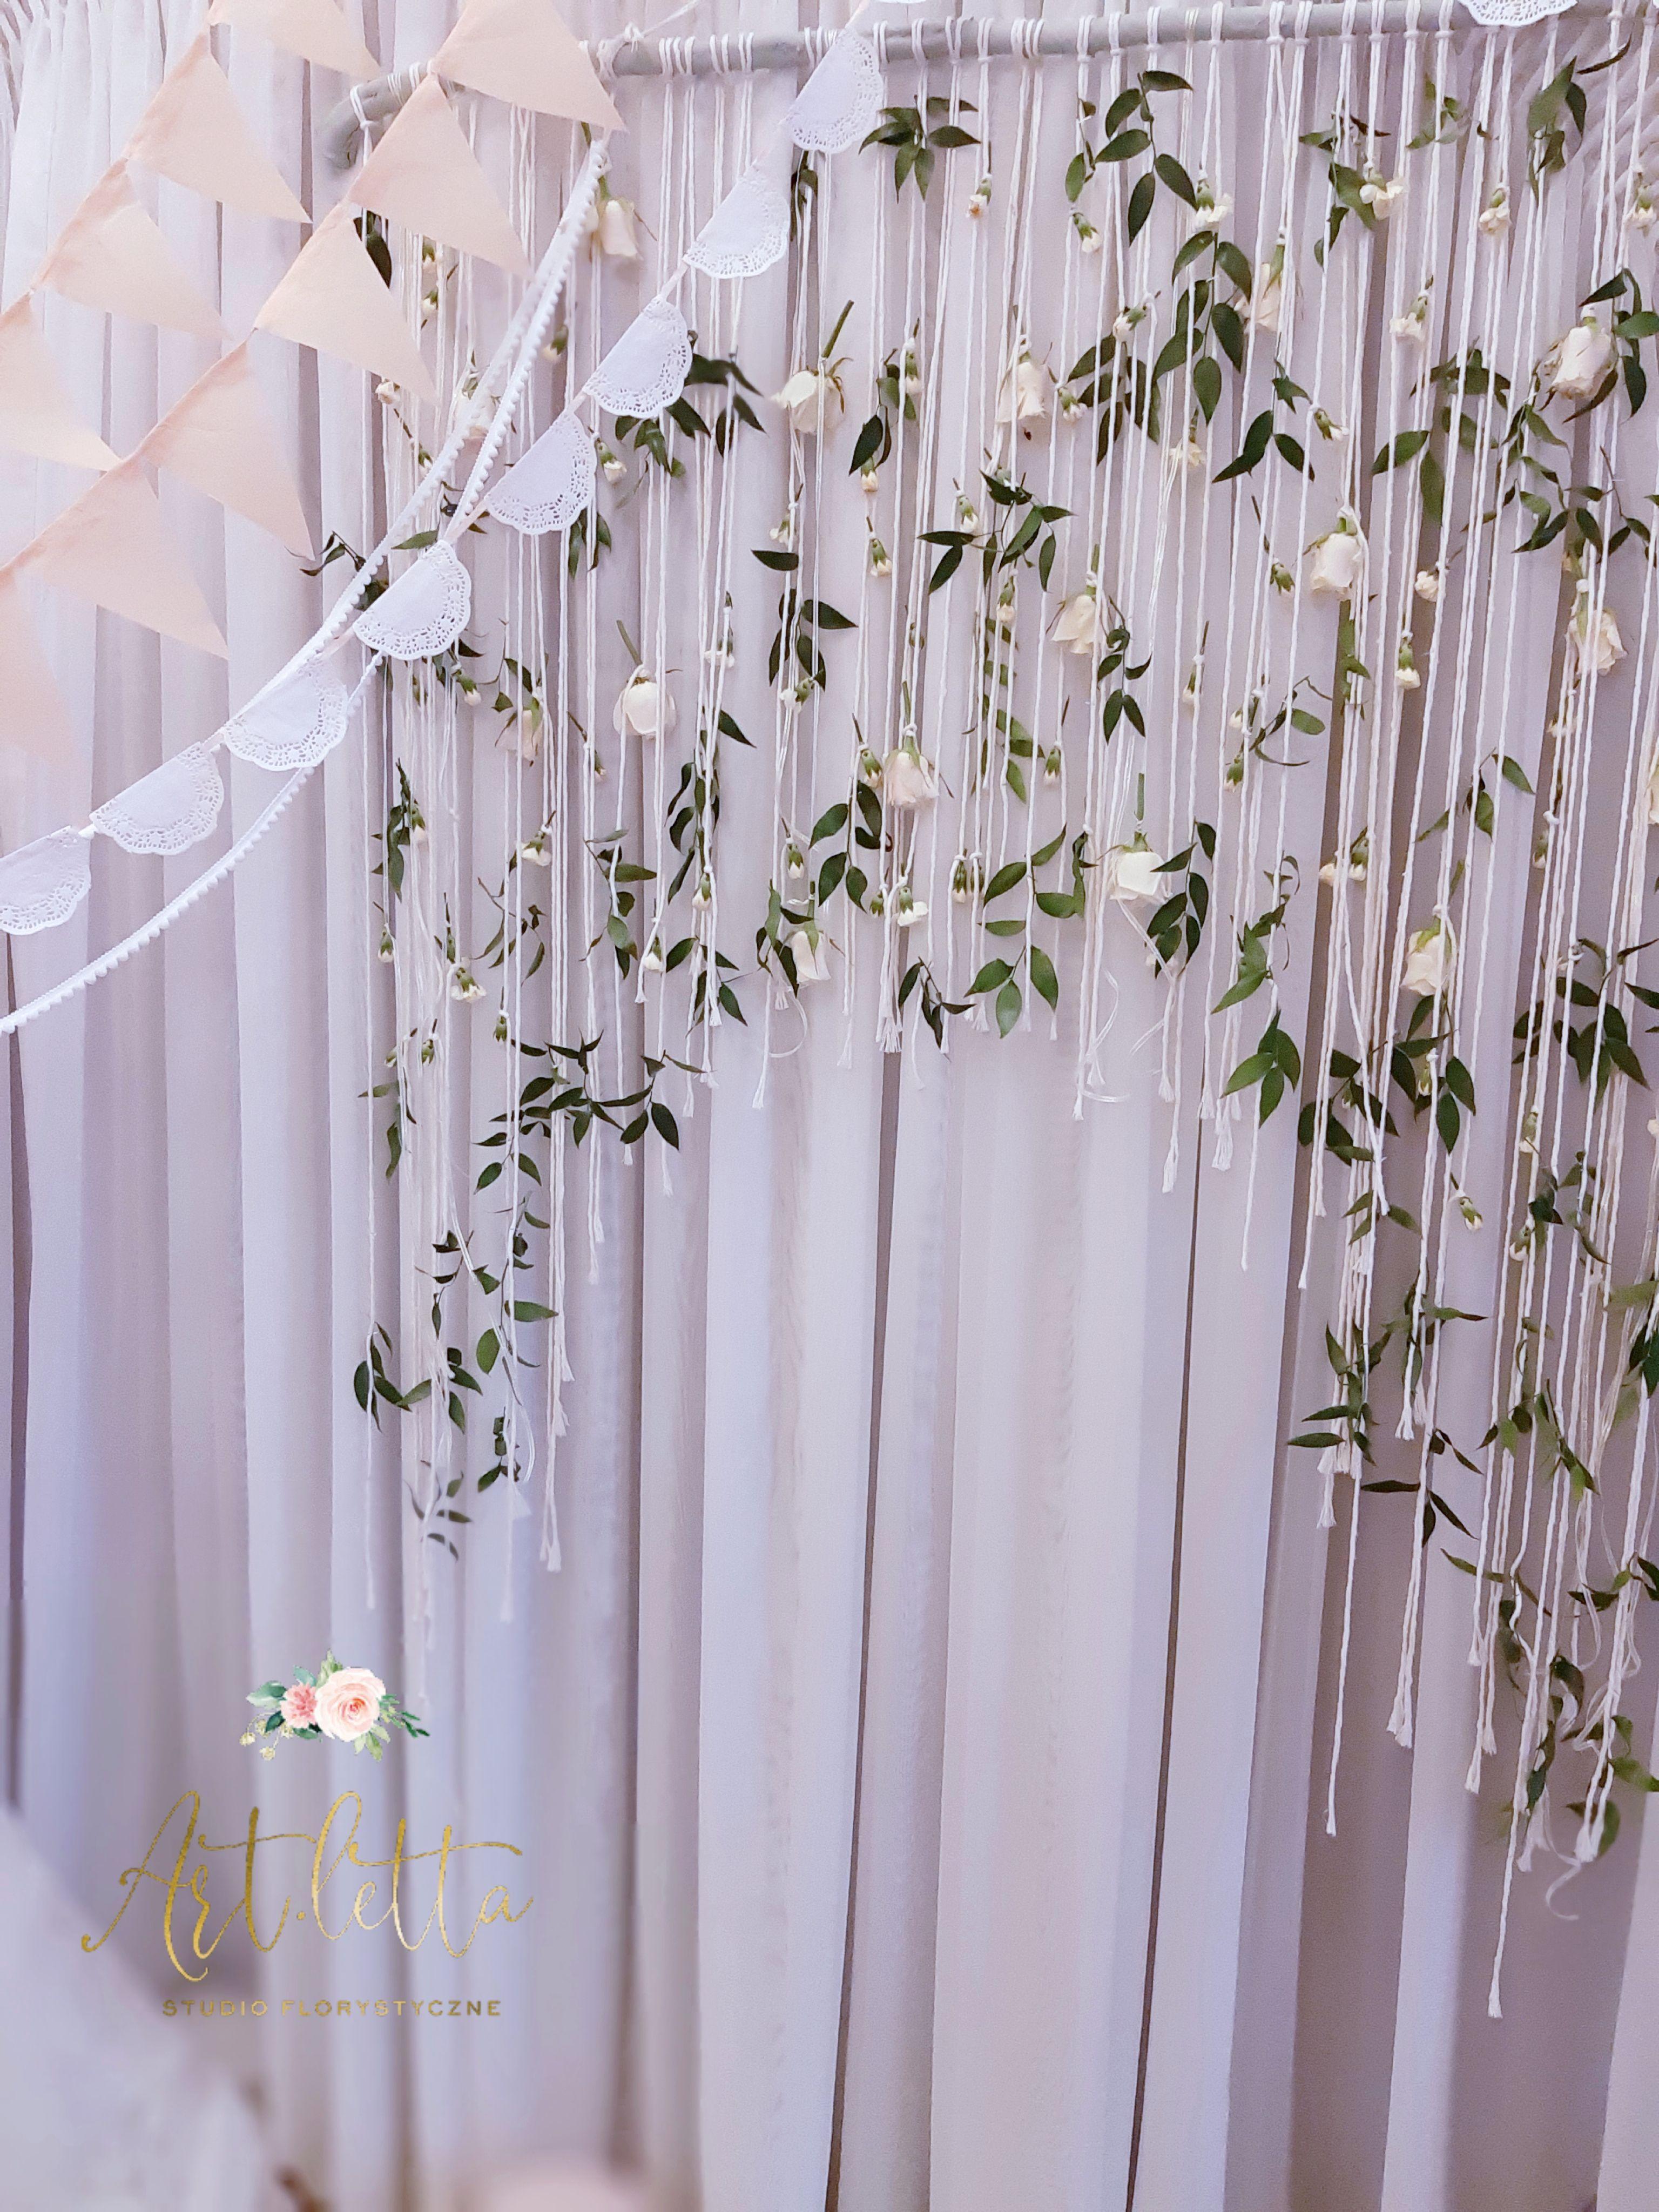 Girlandy Z Kwiatow Tlo Do Sesji Lub Scianka Za Mloda Para Kwiatowa Makrama Wedding Wedding Events Coachella Birthday